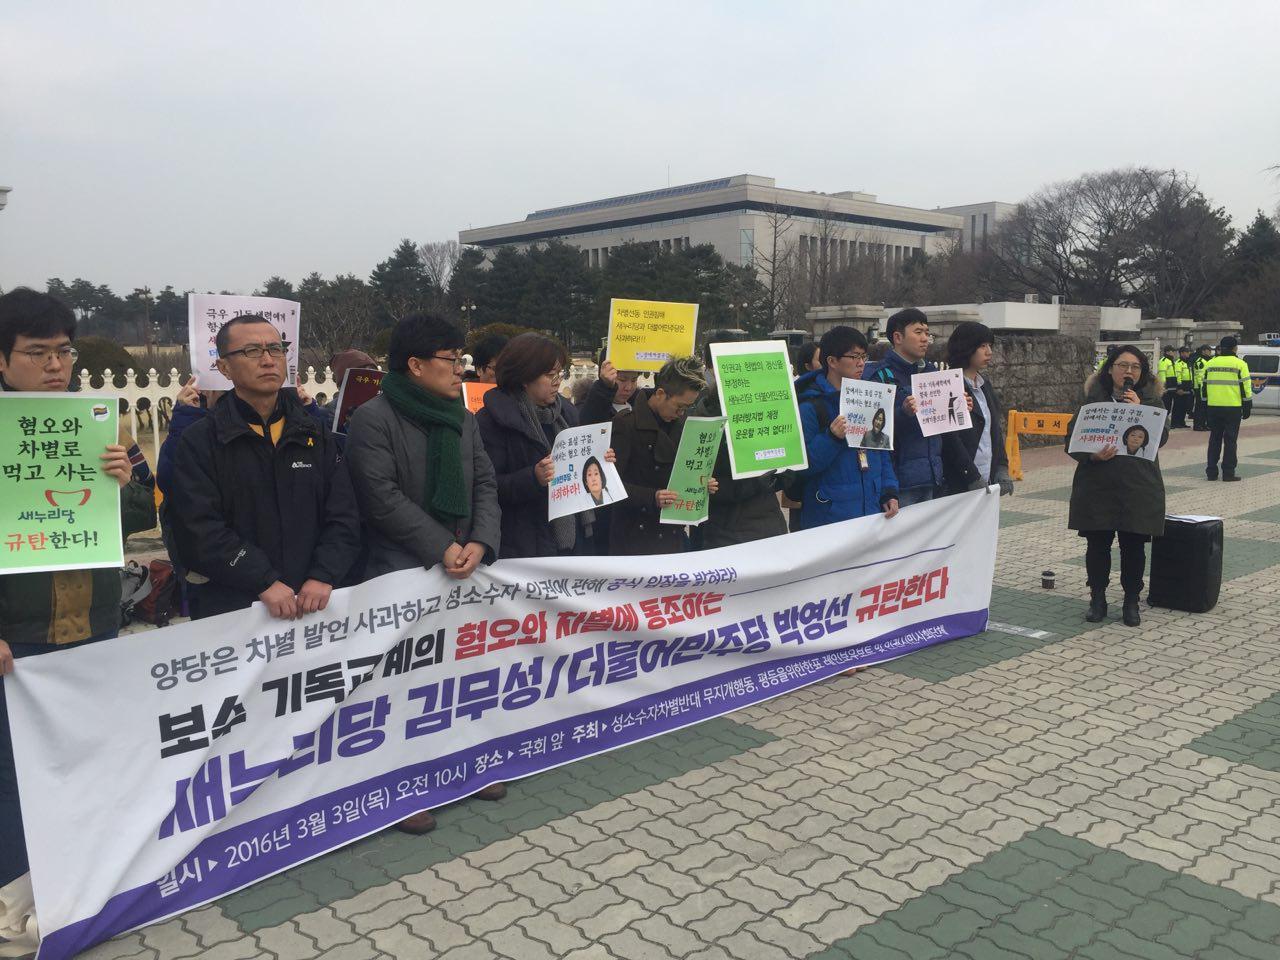 지난 3일, 인권시민단체들이 국회 앞에서새누리당 김무성 대표와 더민주당 박영선 후보의 성소수자 혐오, 차별 발언을 규탄하고 있다.